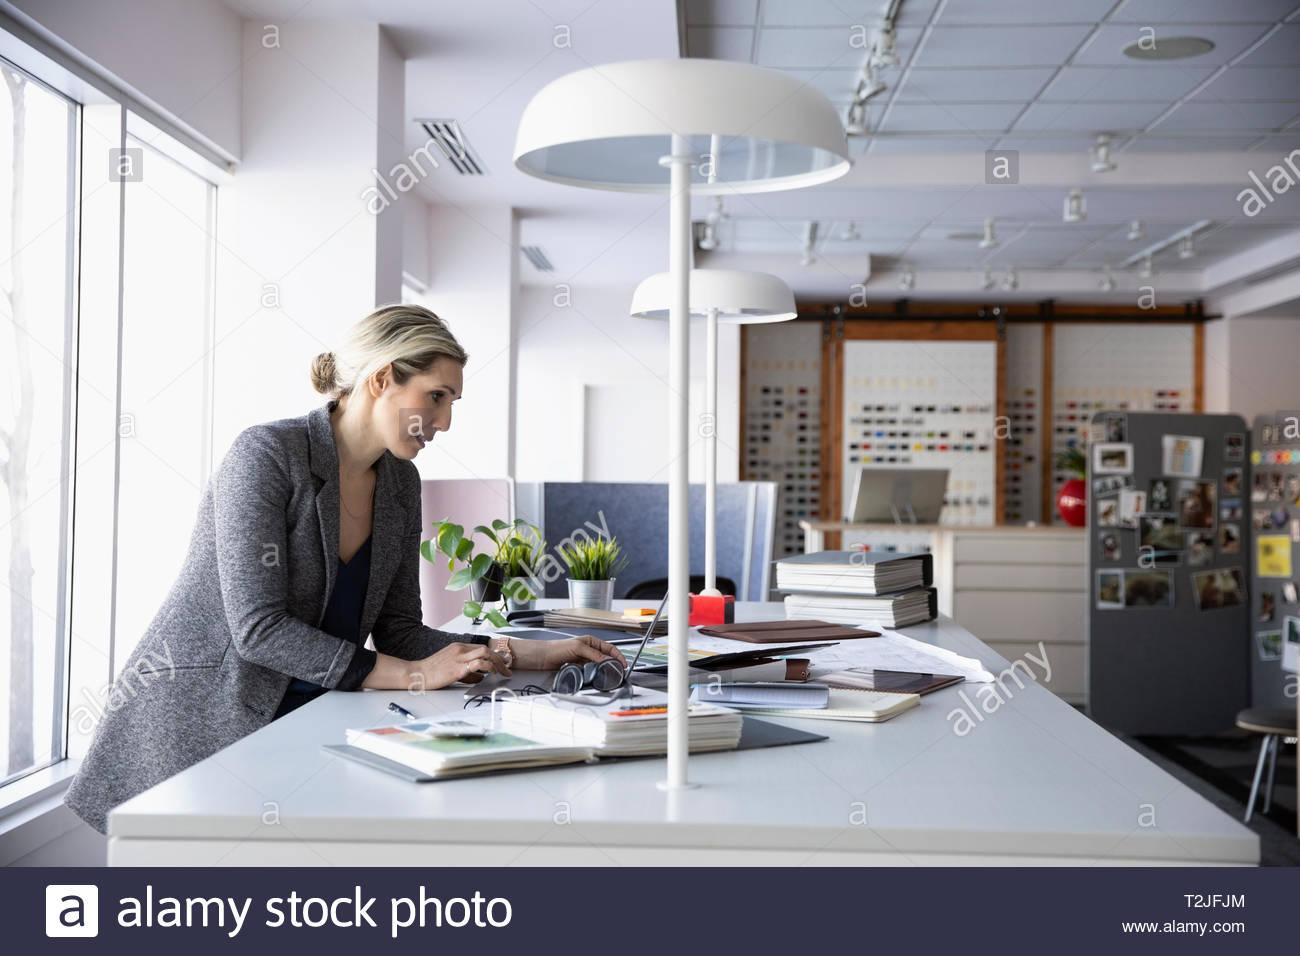 Femme interior designer working in design studio Photo Stock